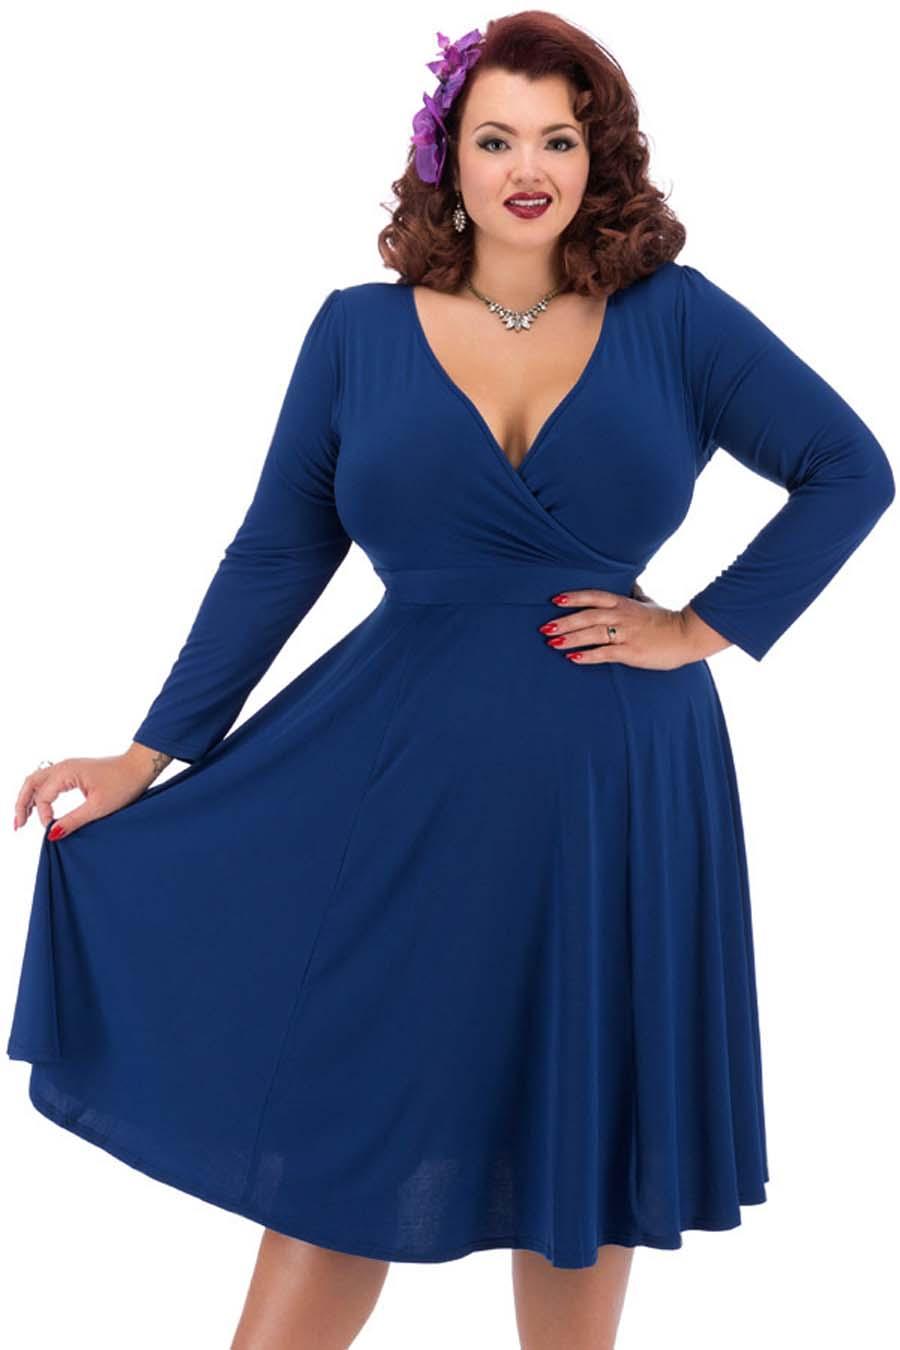 080254a1e90 Modré šaty s dlouhým rukávem Lady V London Lyra Lady V London ...